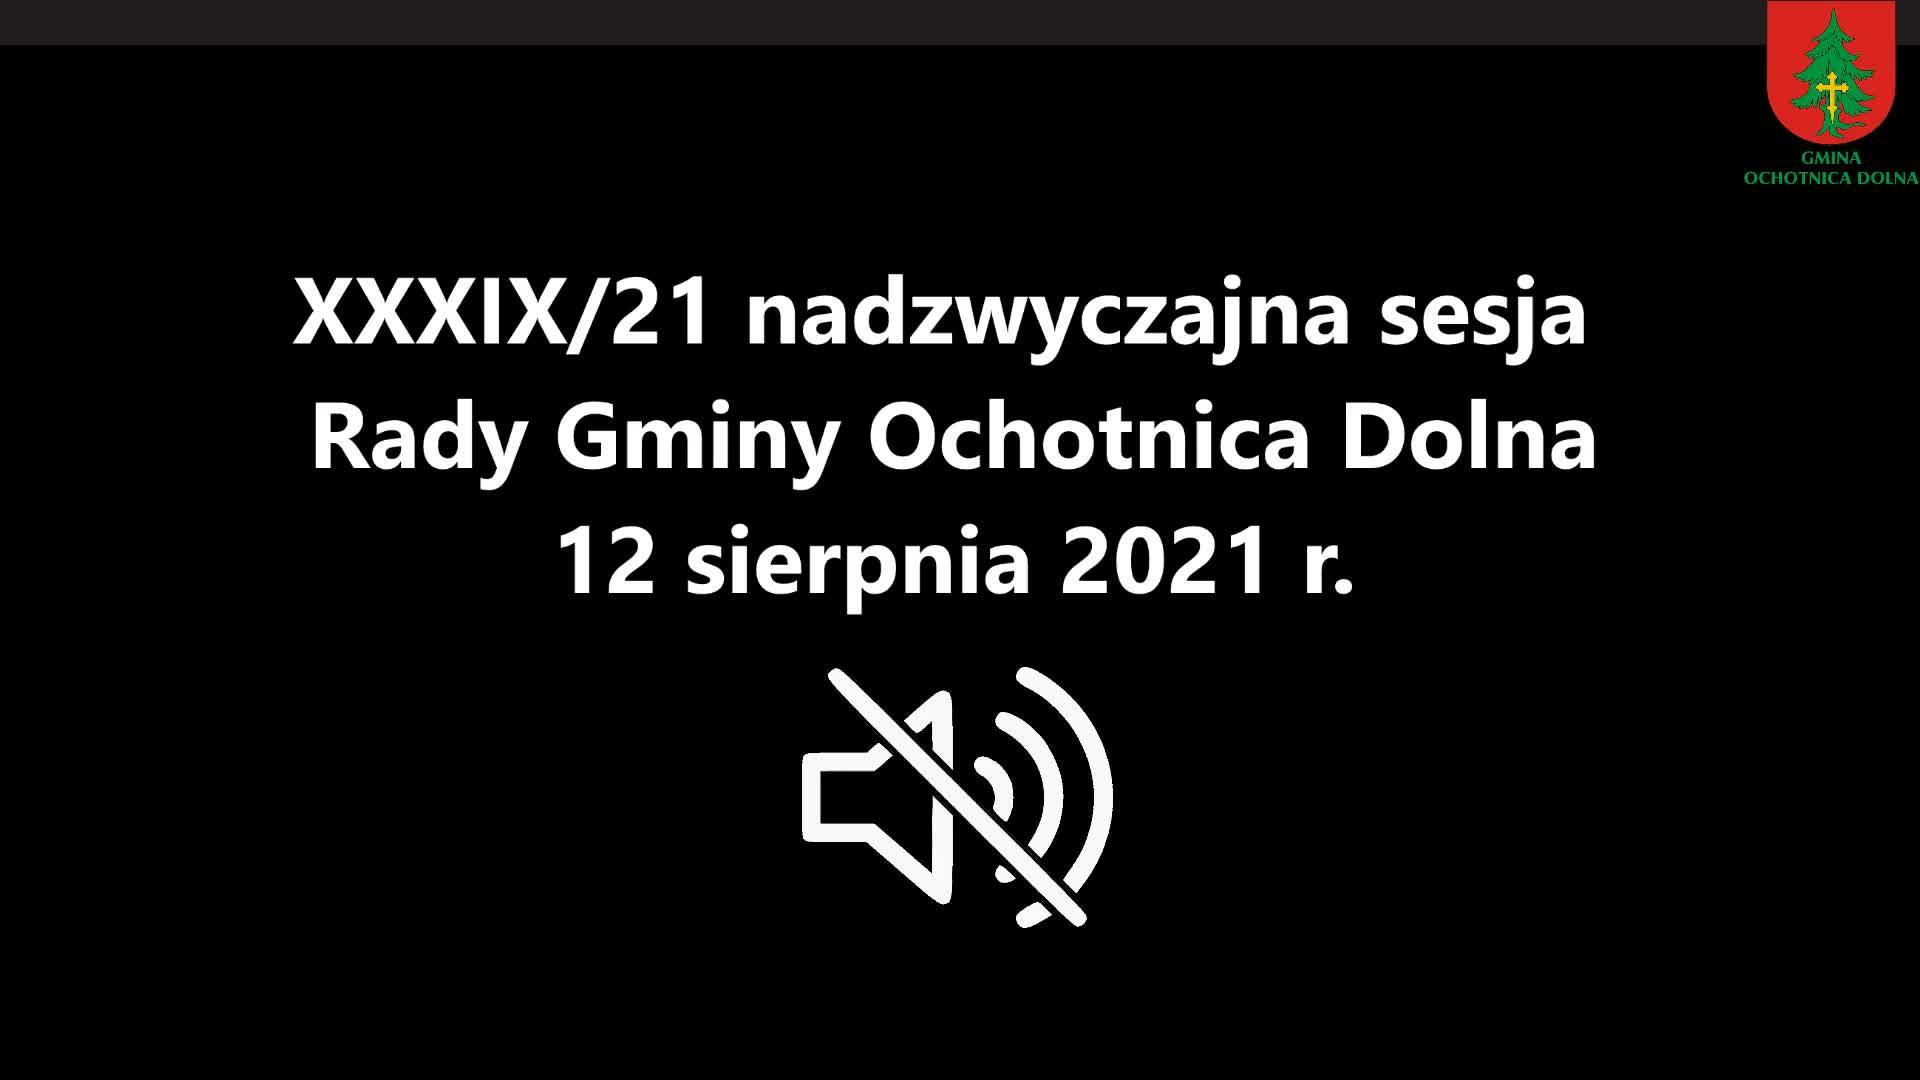 XXXIX/21 nadzwyczajna sesja Rady Gminy Ochotnica Dolna - 12 sierpnia 2021